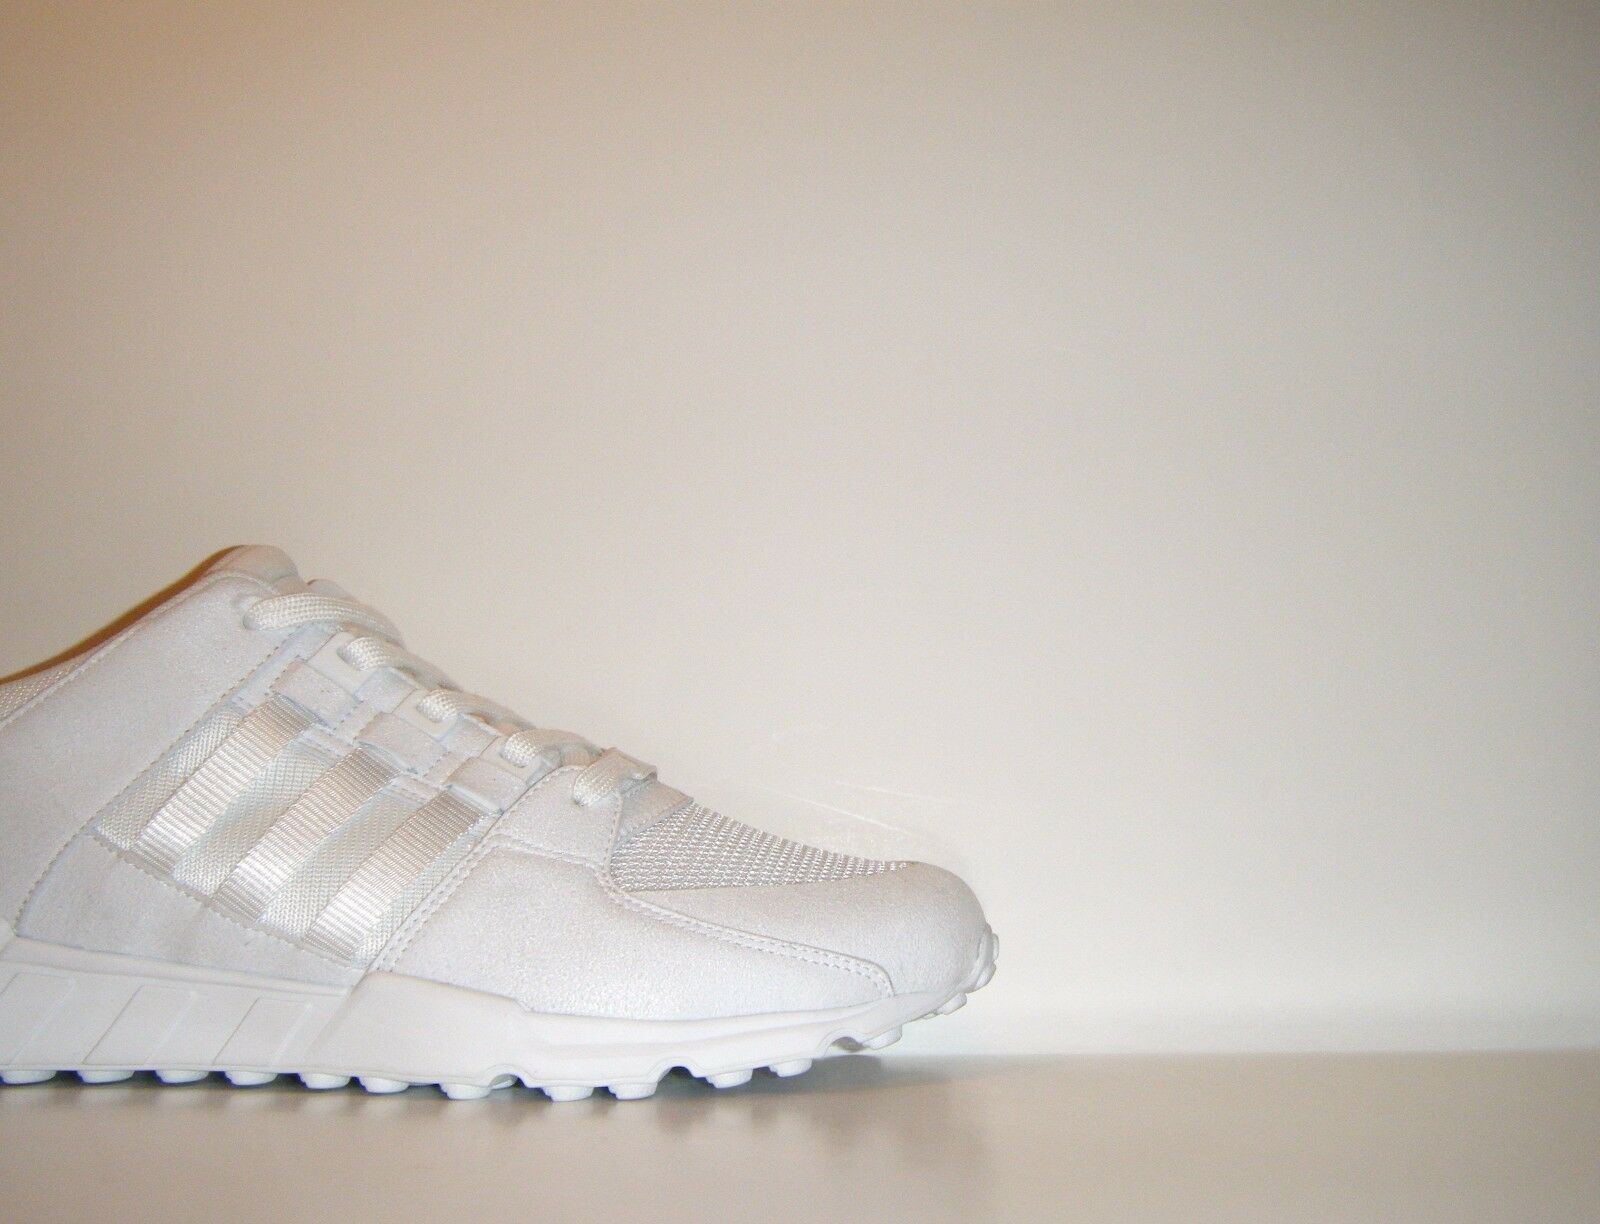 Adidas eqt attrezzature sostegno - avanzata 91 17 promo campione nmd 11 correre spinta nmd campione 93 4f3027